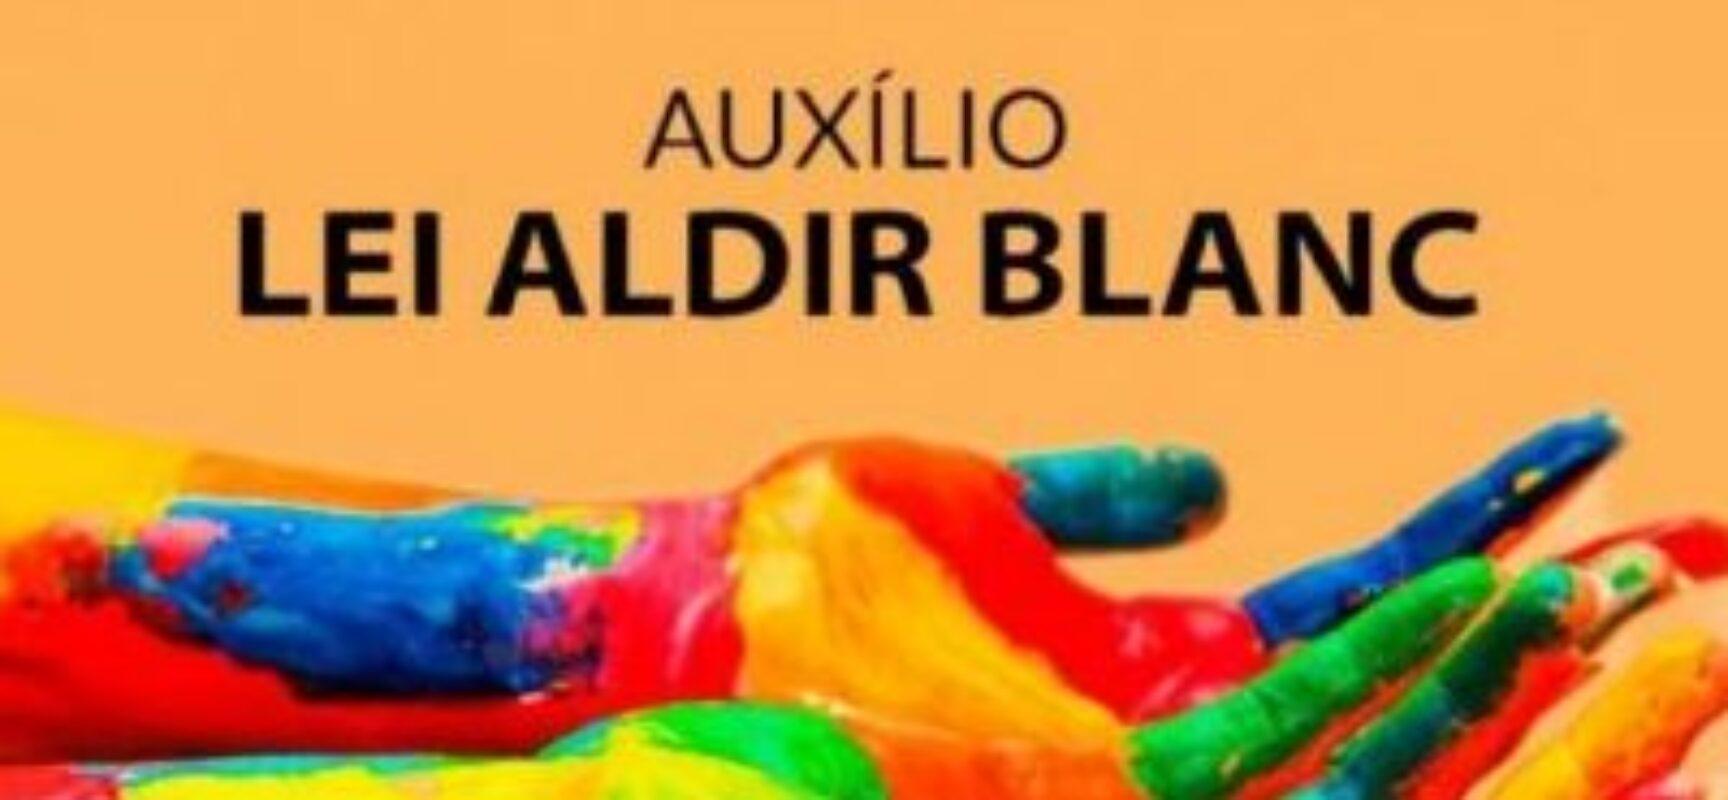 Lei Aldir Blanc em Ilhéus – nas mãos da justiça!